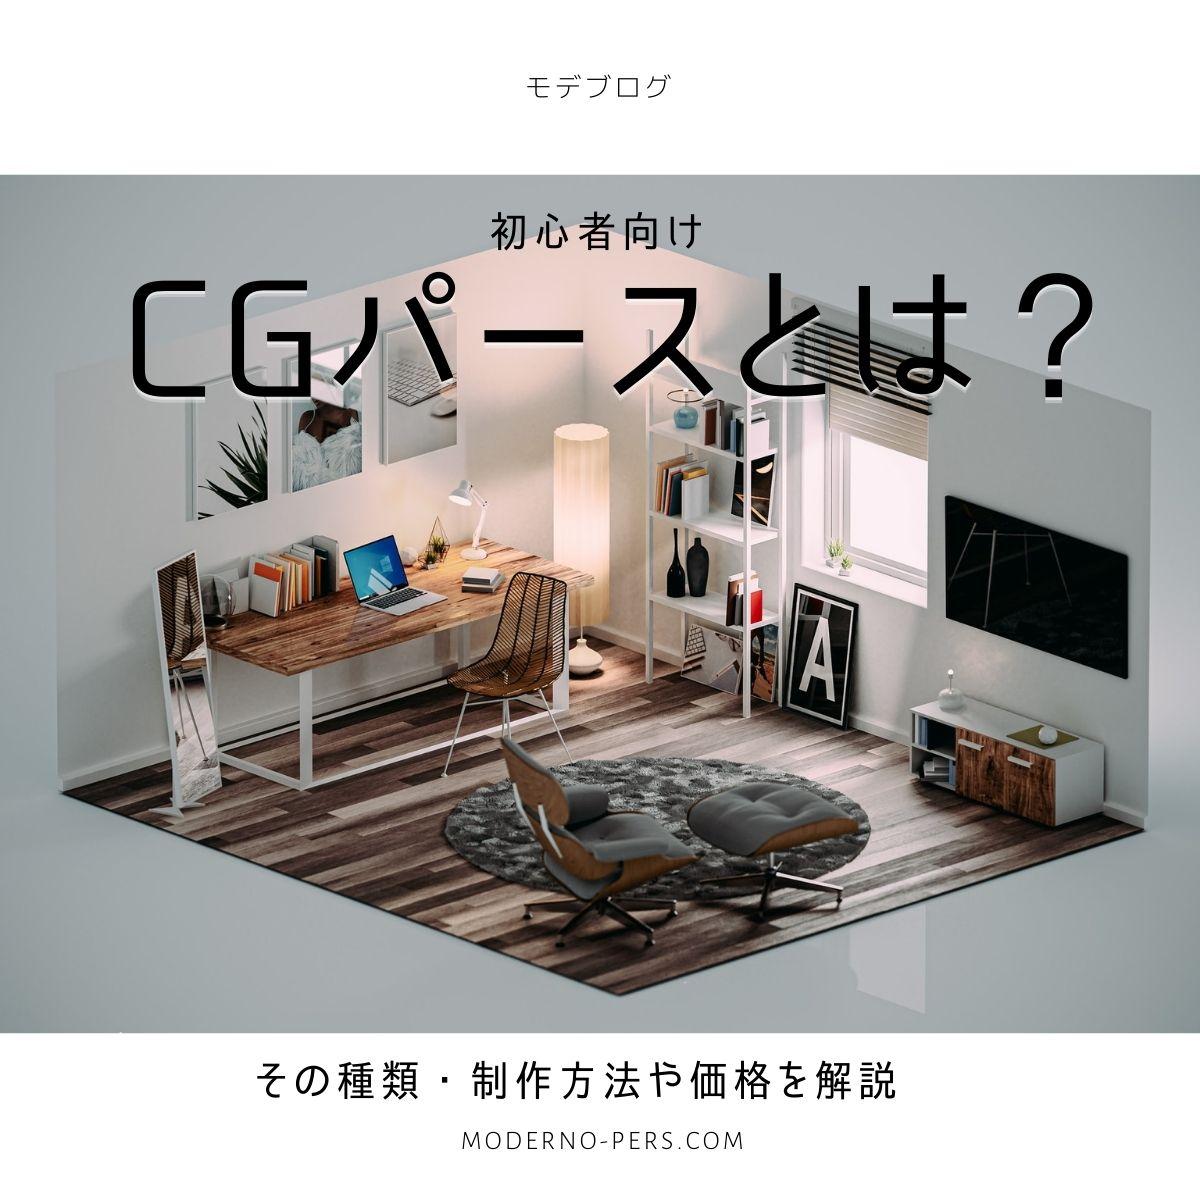 【初心者向け】「CGパース」とは?その種類・制作方法や価格を解説